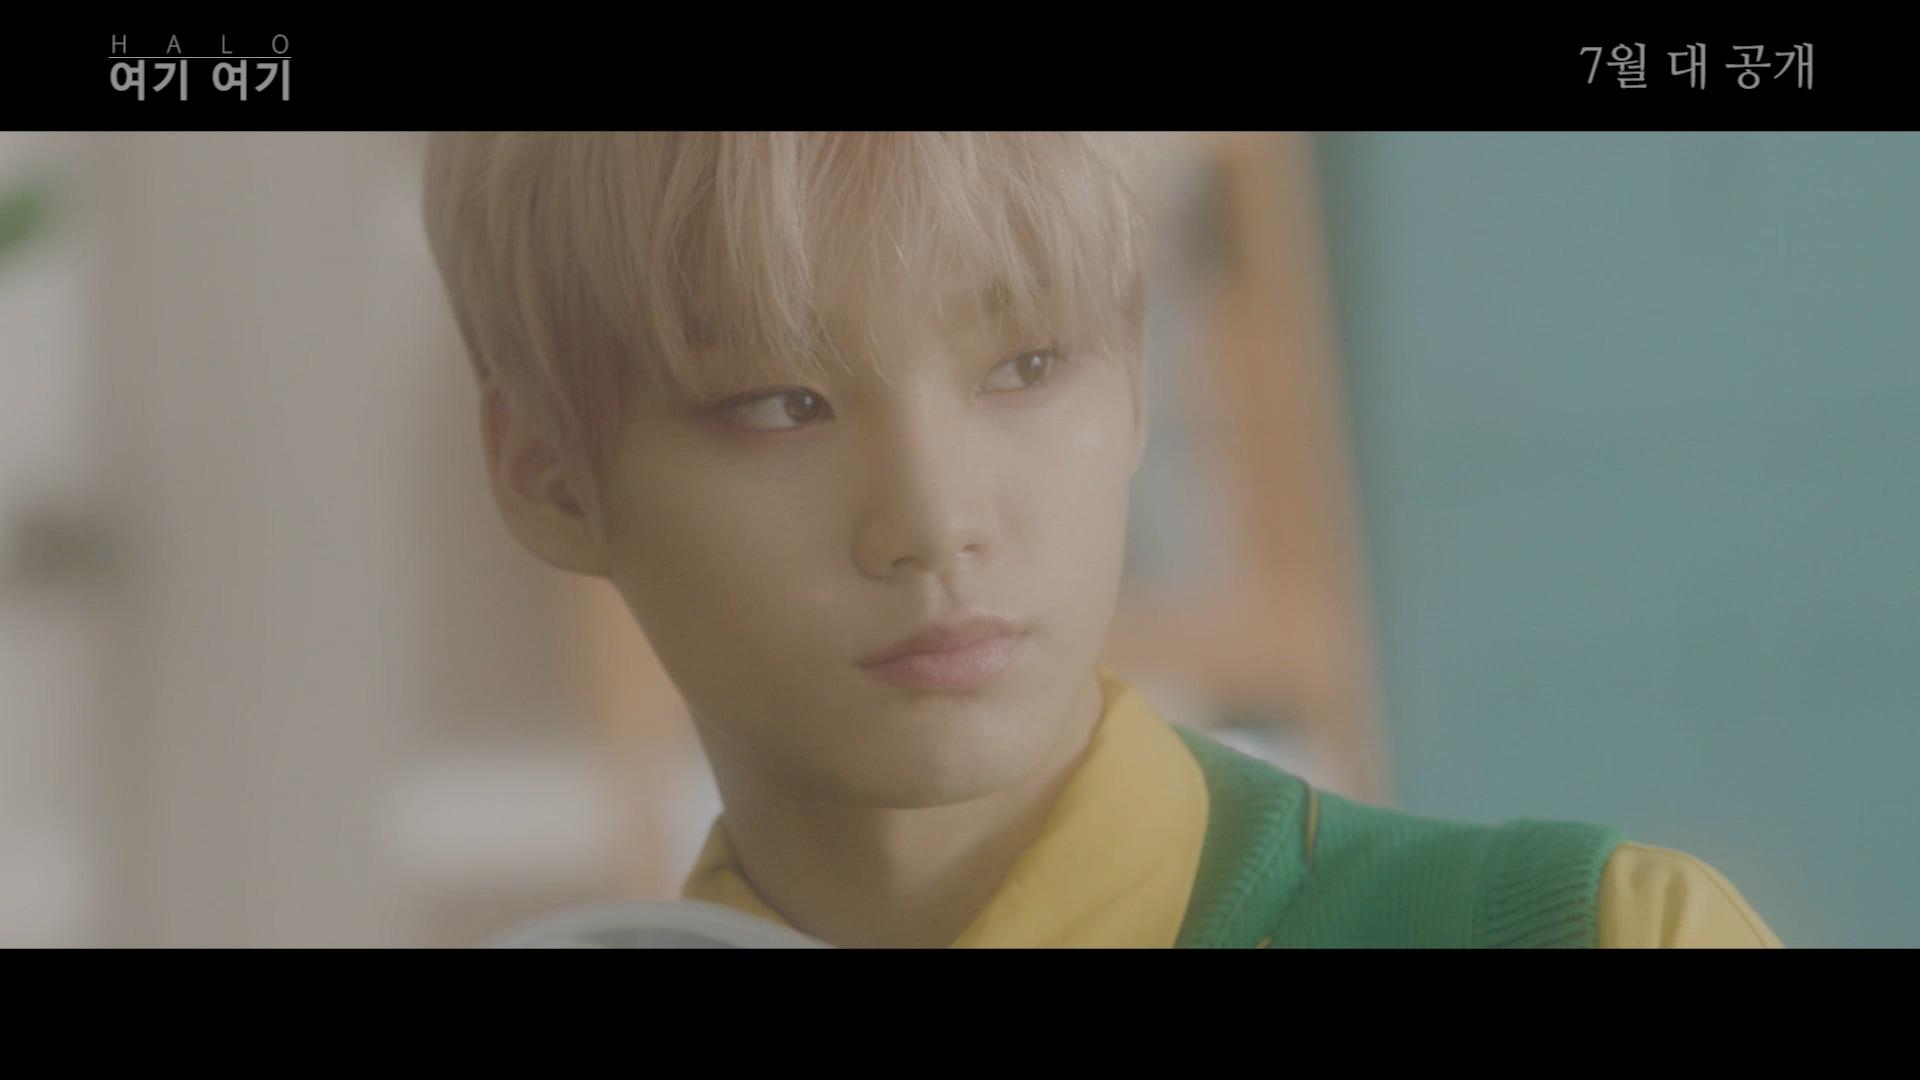 헤일로(HALO) 'HERE I AM' Special Video #5 (윤동)